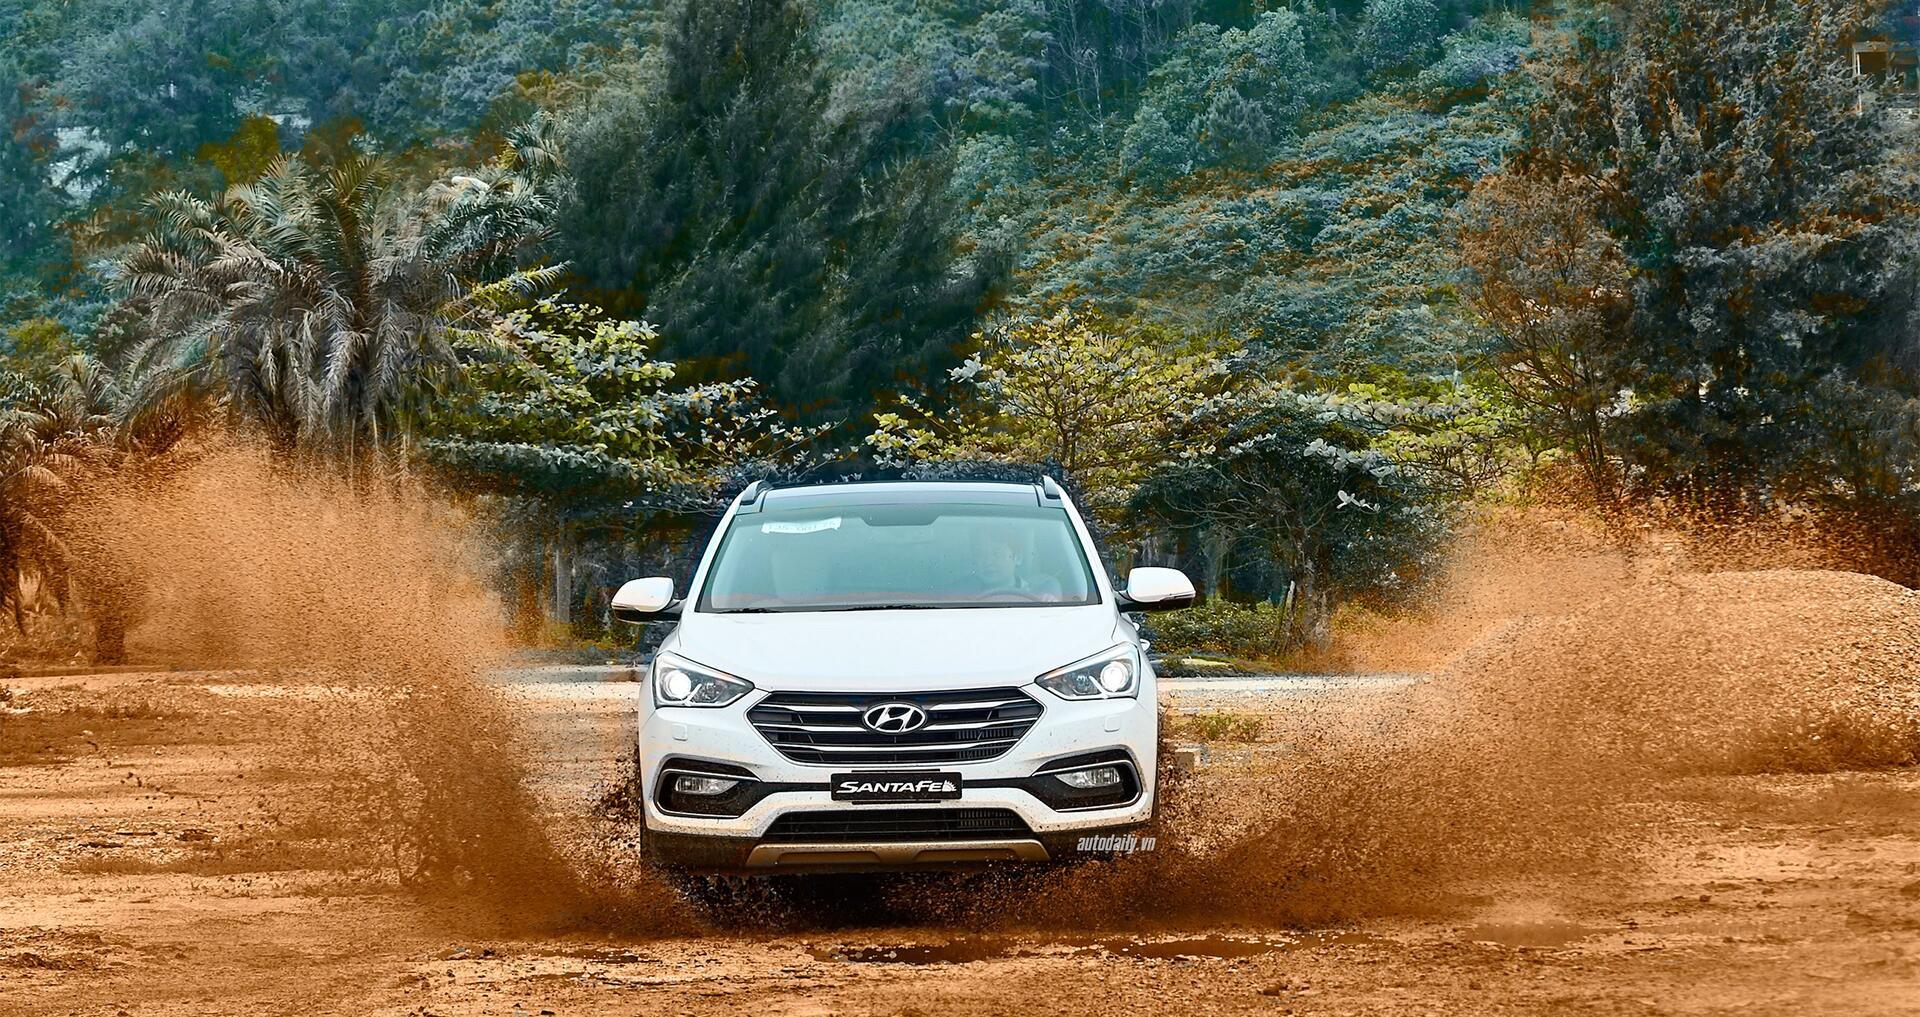 Đánh giá ban đầu về Hyundai SantaFe 2016 phiên bản máy dầu - Hình 11